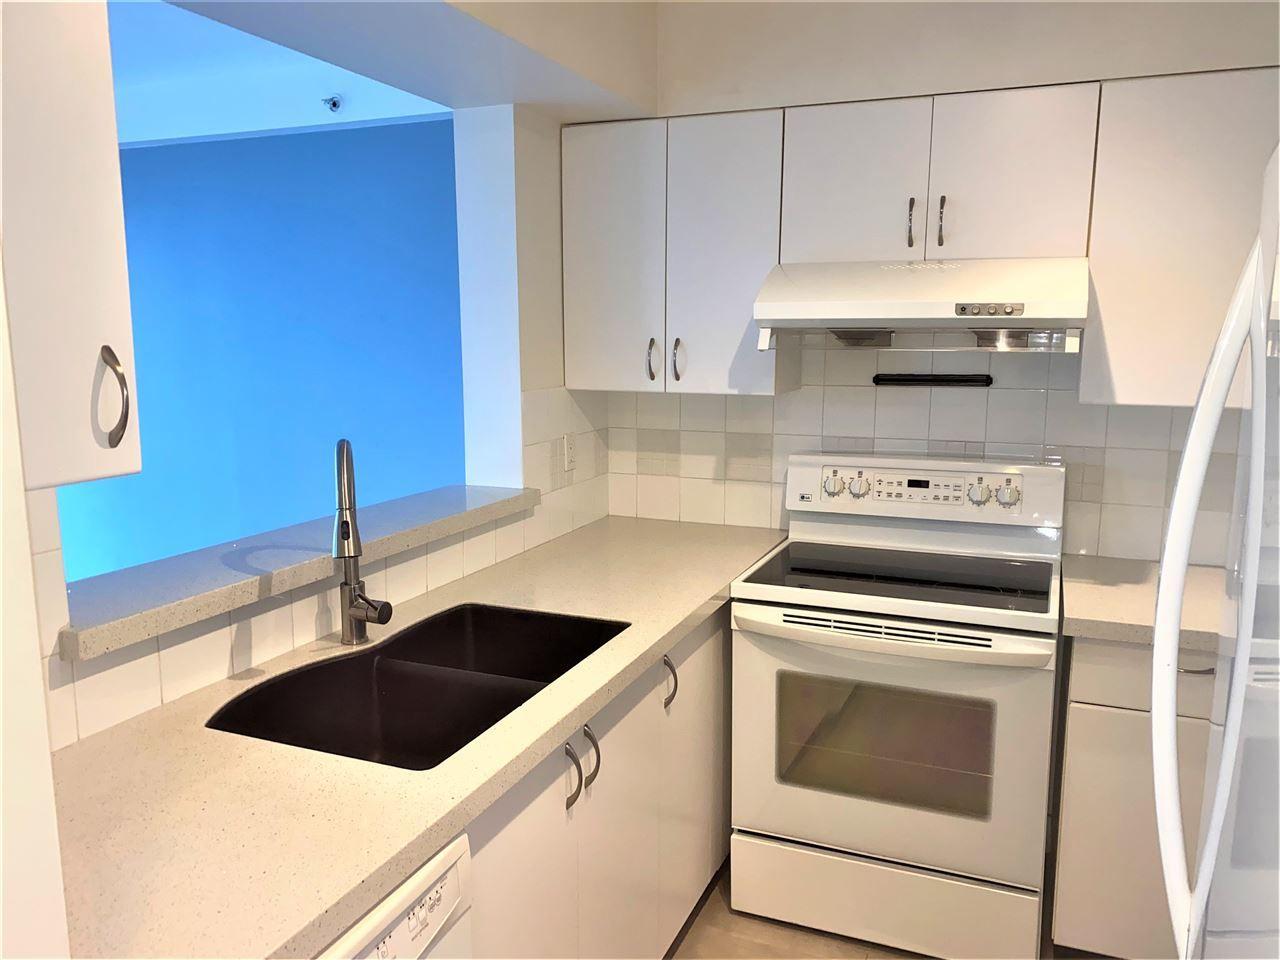 """Main Photo: 308 288 E 8TH Avenue in Vancouver: Mount Pleasant VE Condo for sale in """"METROVISTA"""" (Vancouver East)  : MLS®# R2537918"""